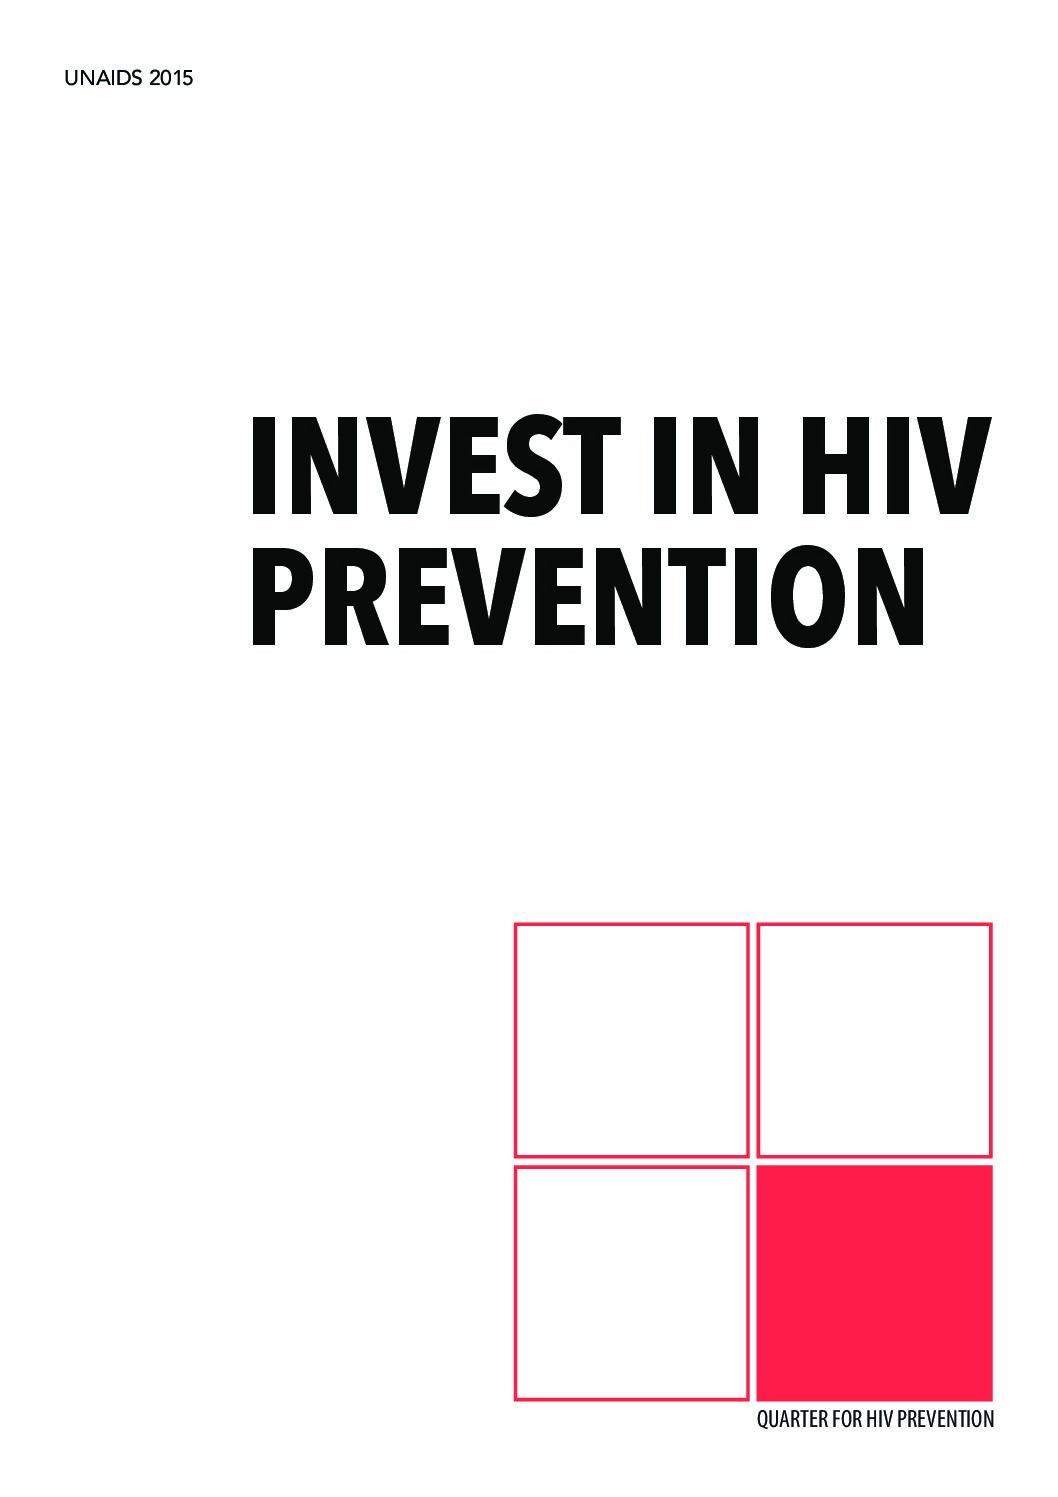 Invest in HIV prevention.